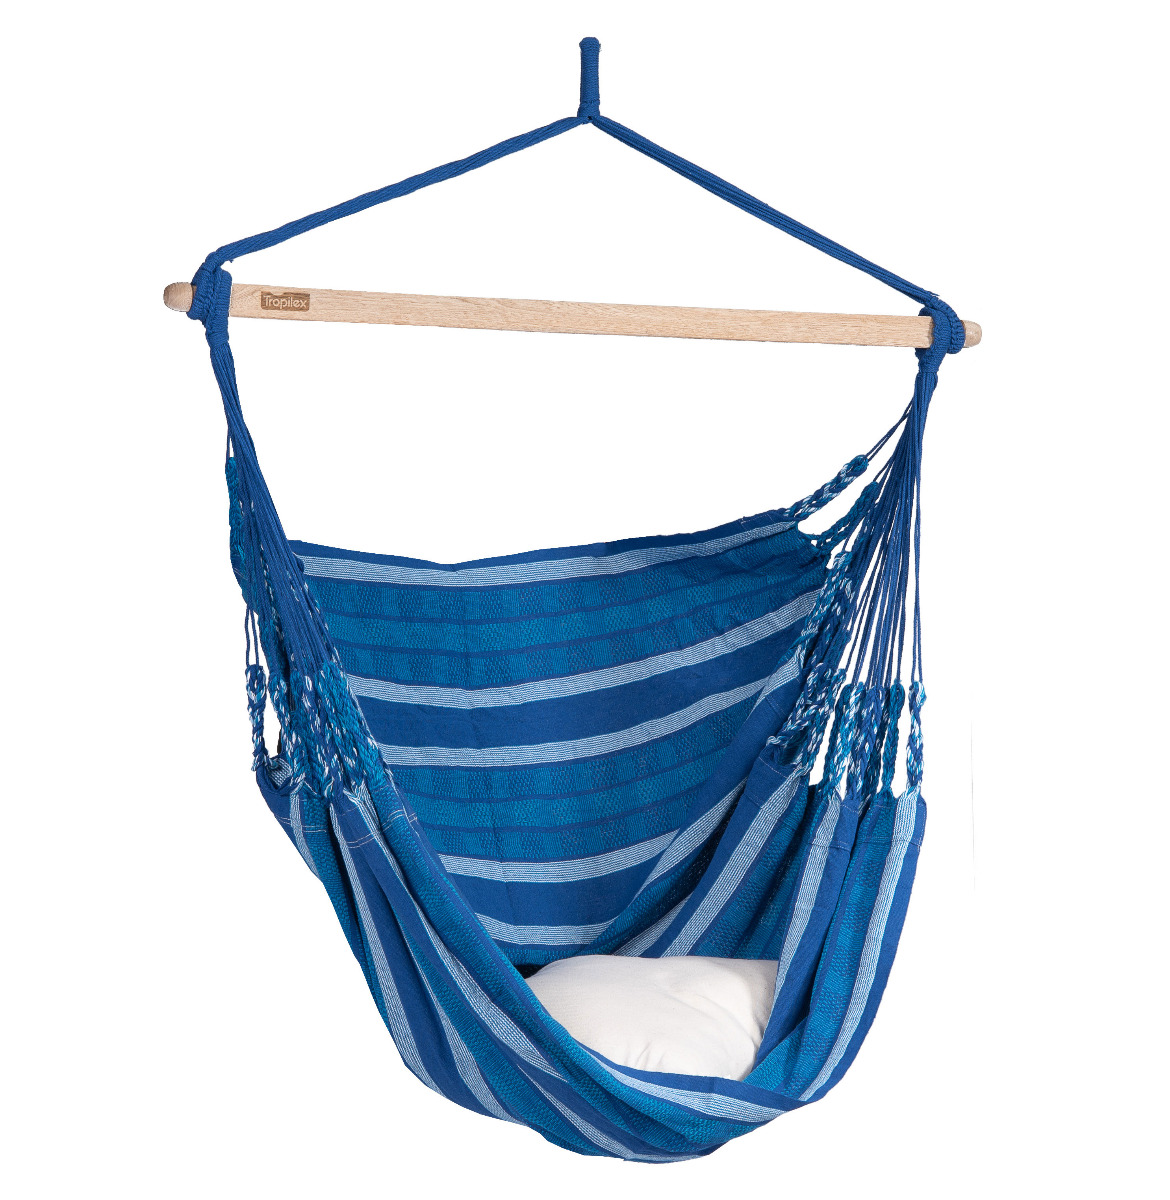 Blauw Hangstoel 1 Persoons Chill Calm kopen Hangstoelen